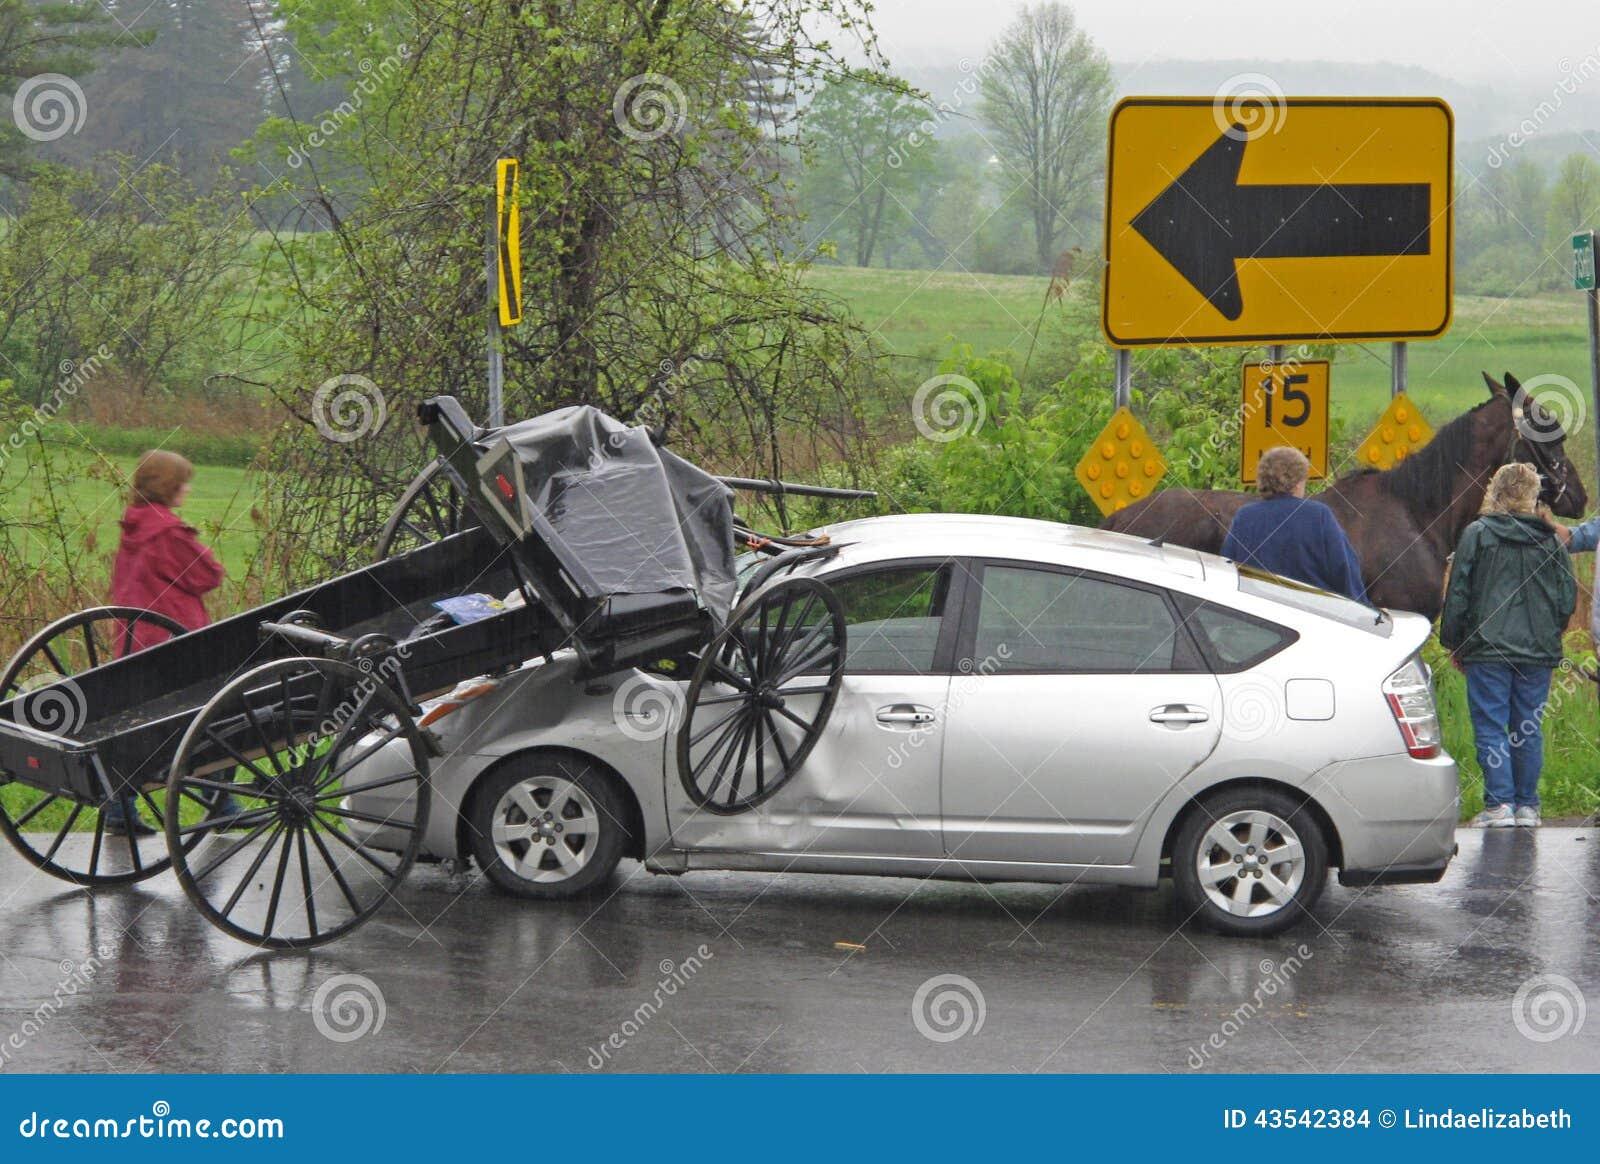 Столкновение багги и автомобиля Амишей